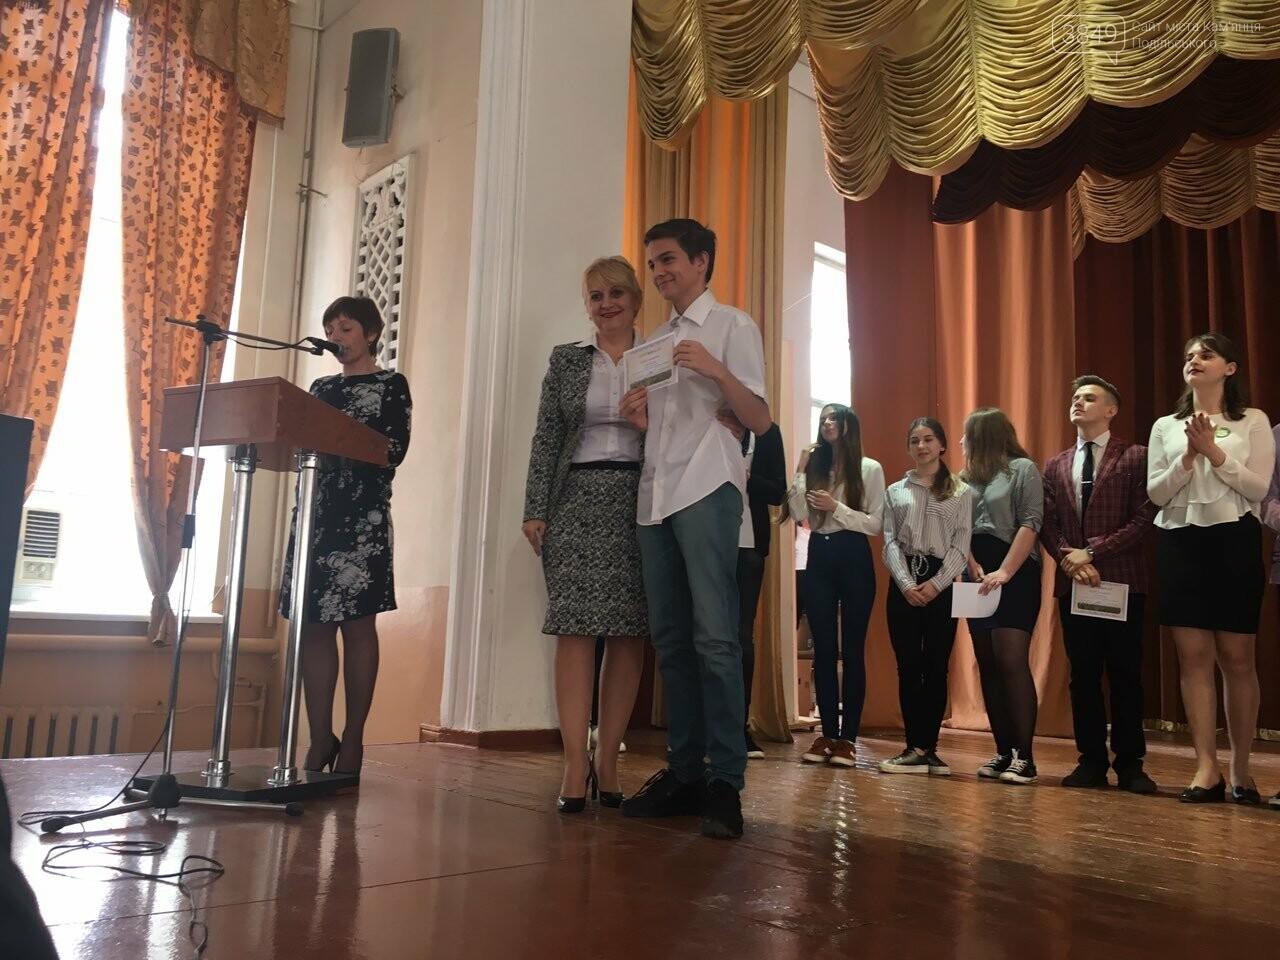 Обдарованих кам'янецьких школярів відзначили грошовими преміями, фото-5